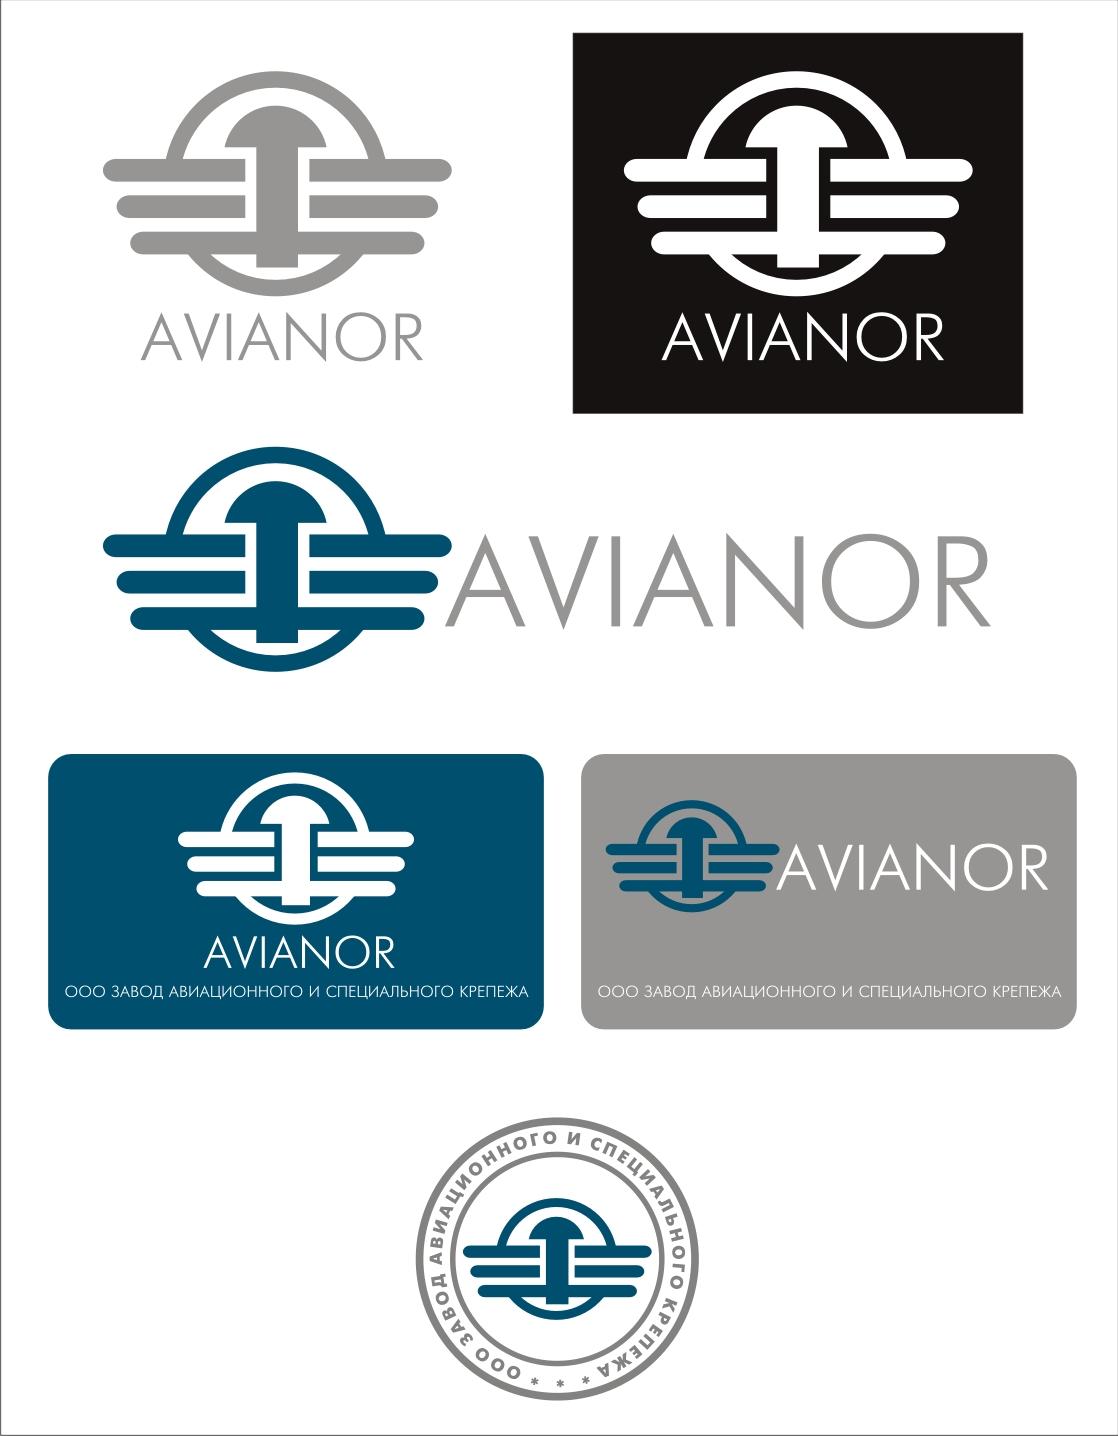 Нужен логотип и фирменный стиль для завода фото f_897528dcf00007f1.jpg